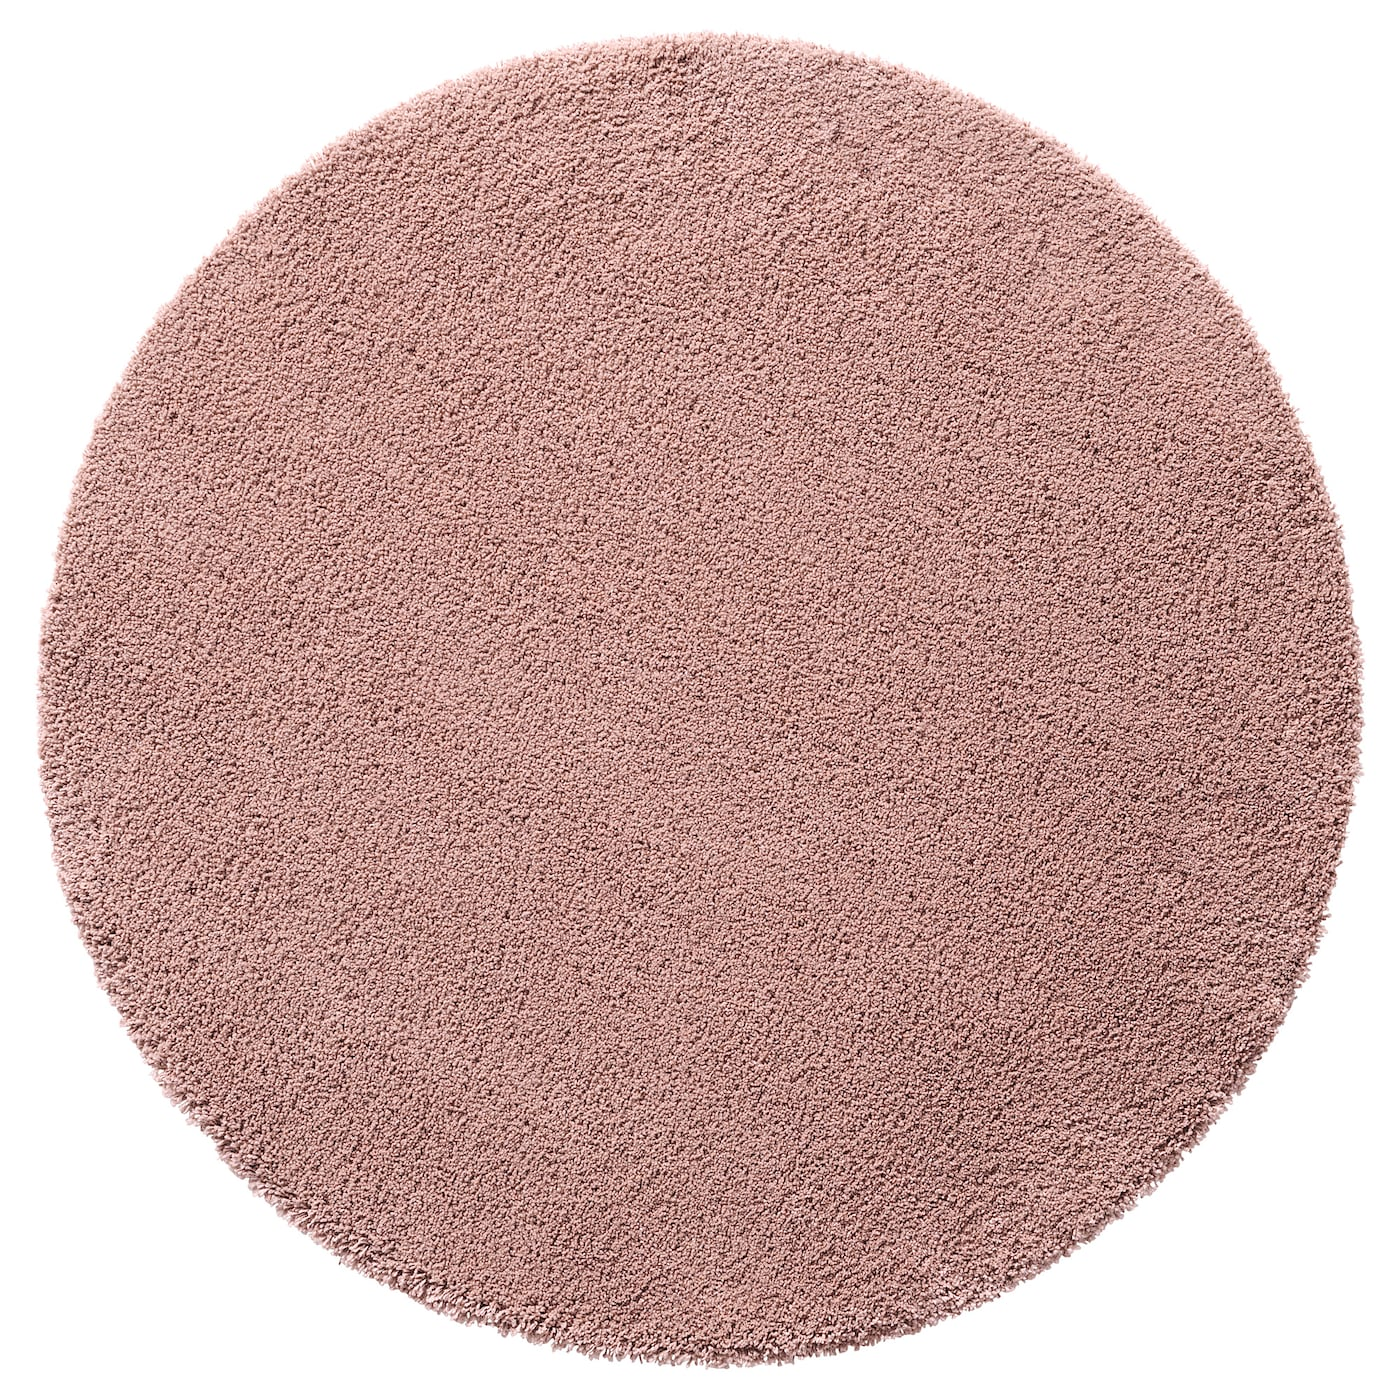 Dum Alfombra Pelo Largo Rosa Claro 130 Cm Ikea